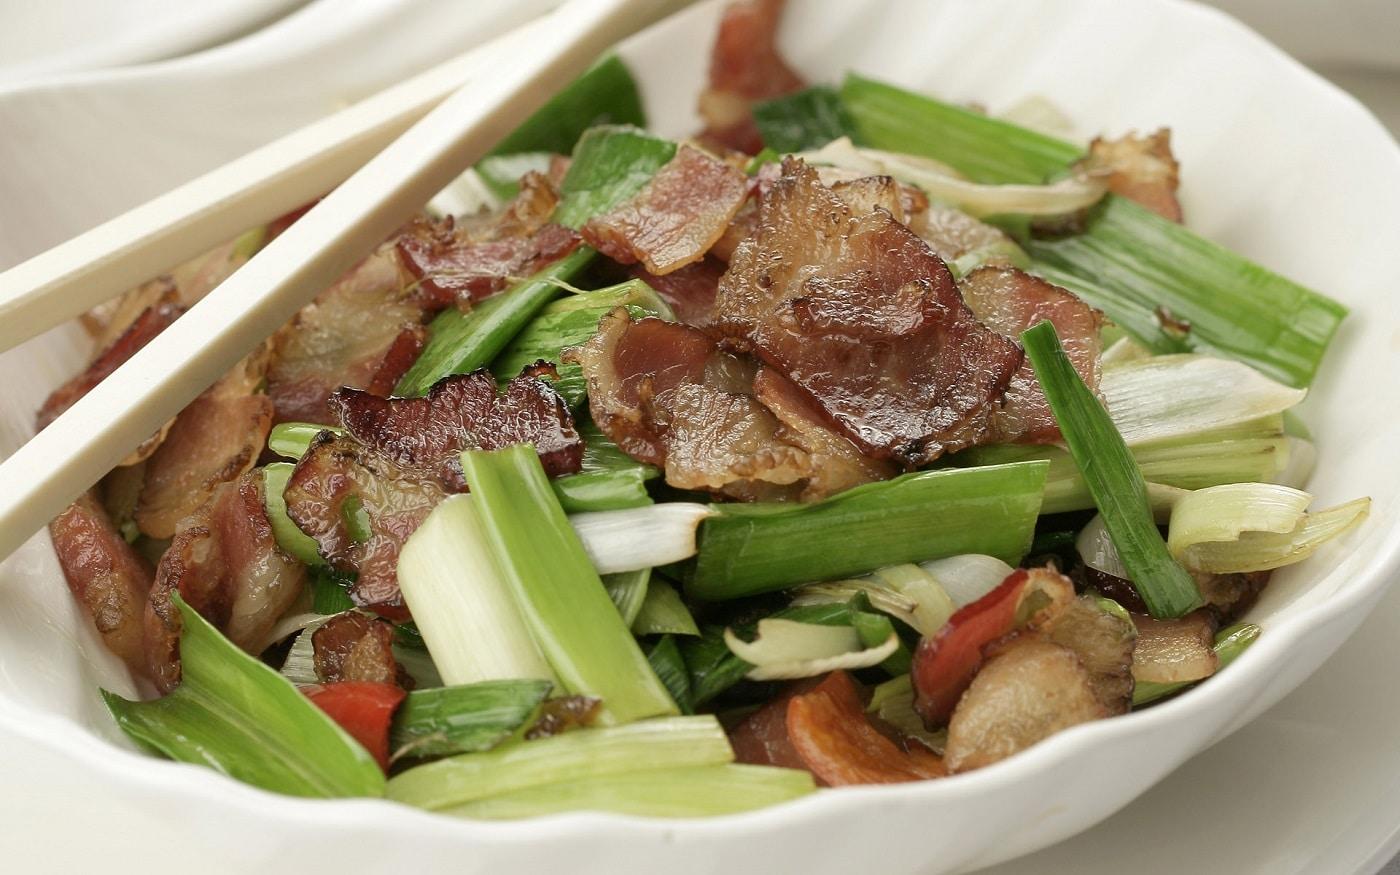 Bucătăria chinezească este una dintre cele mai complexe